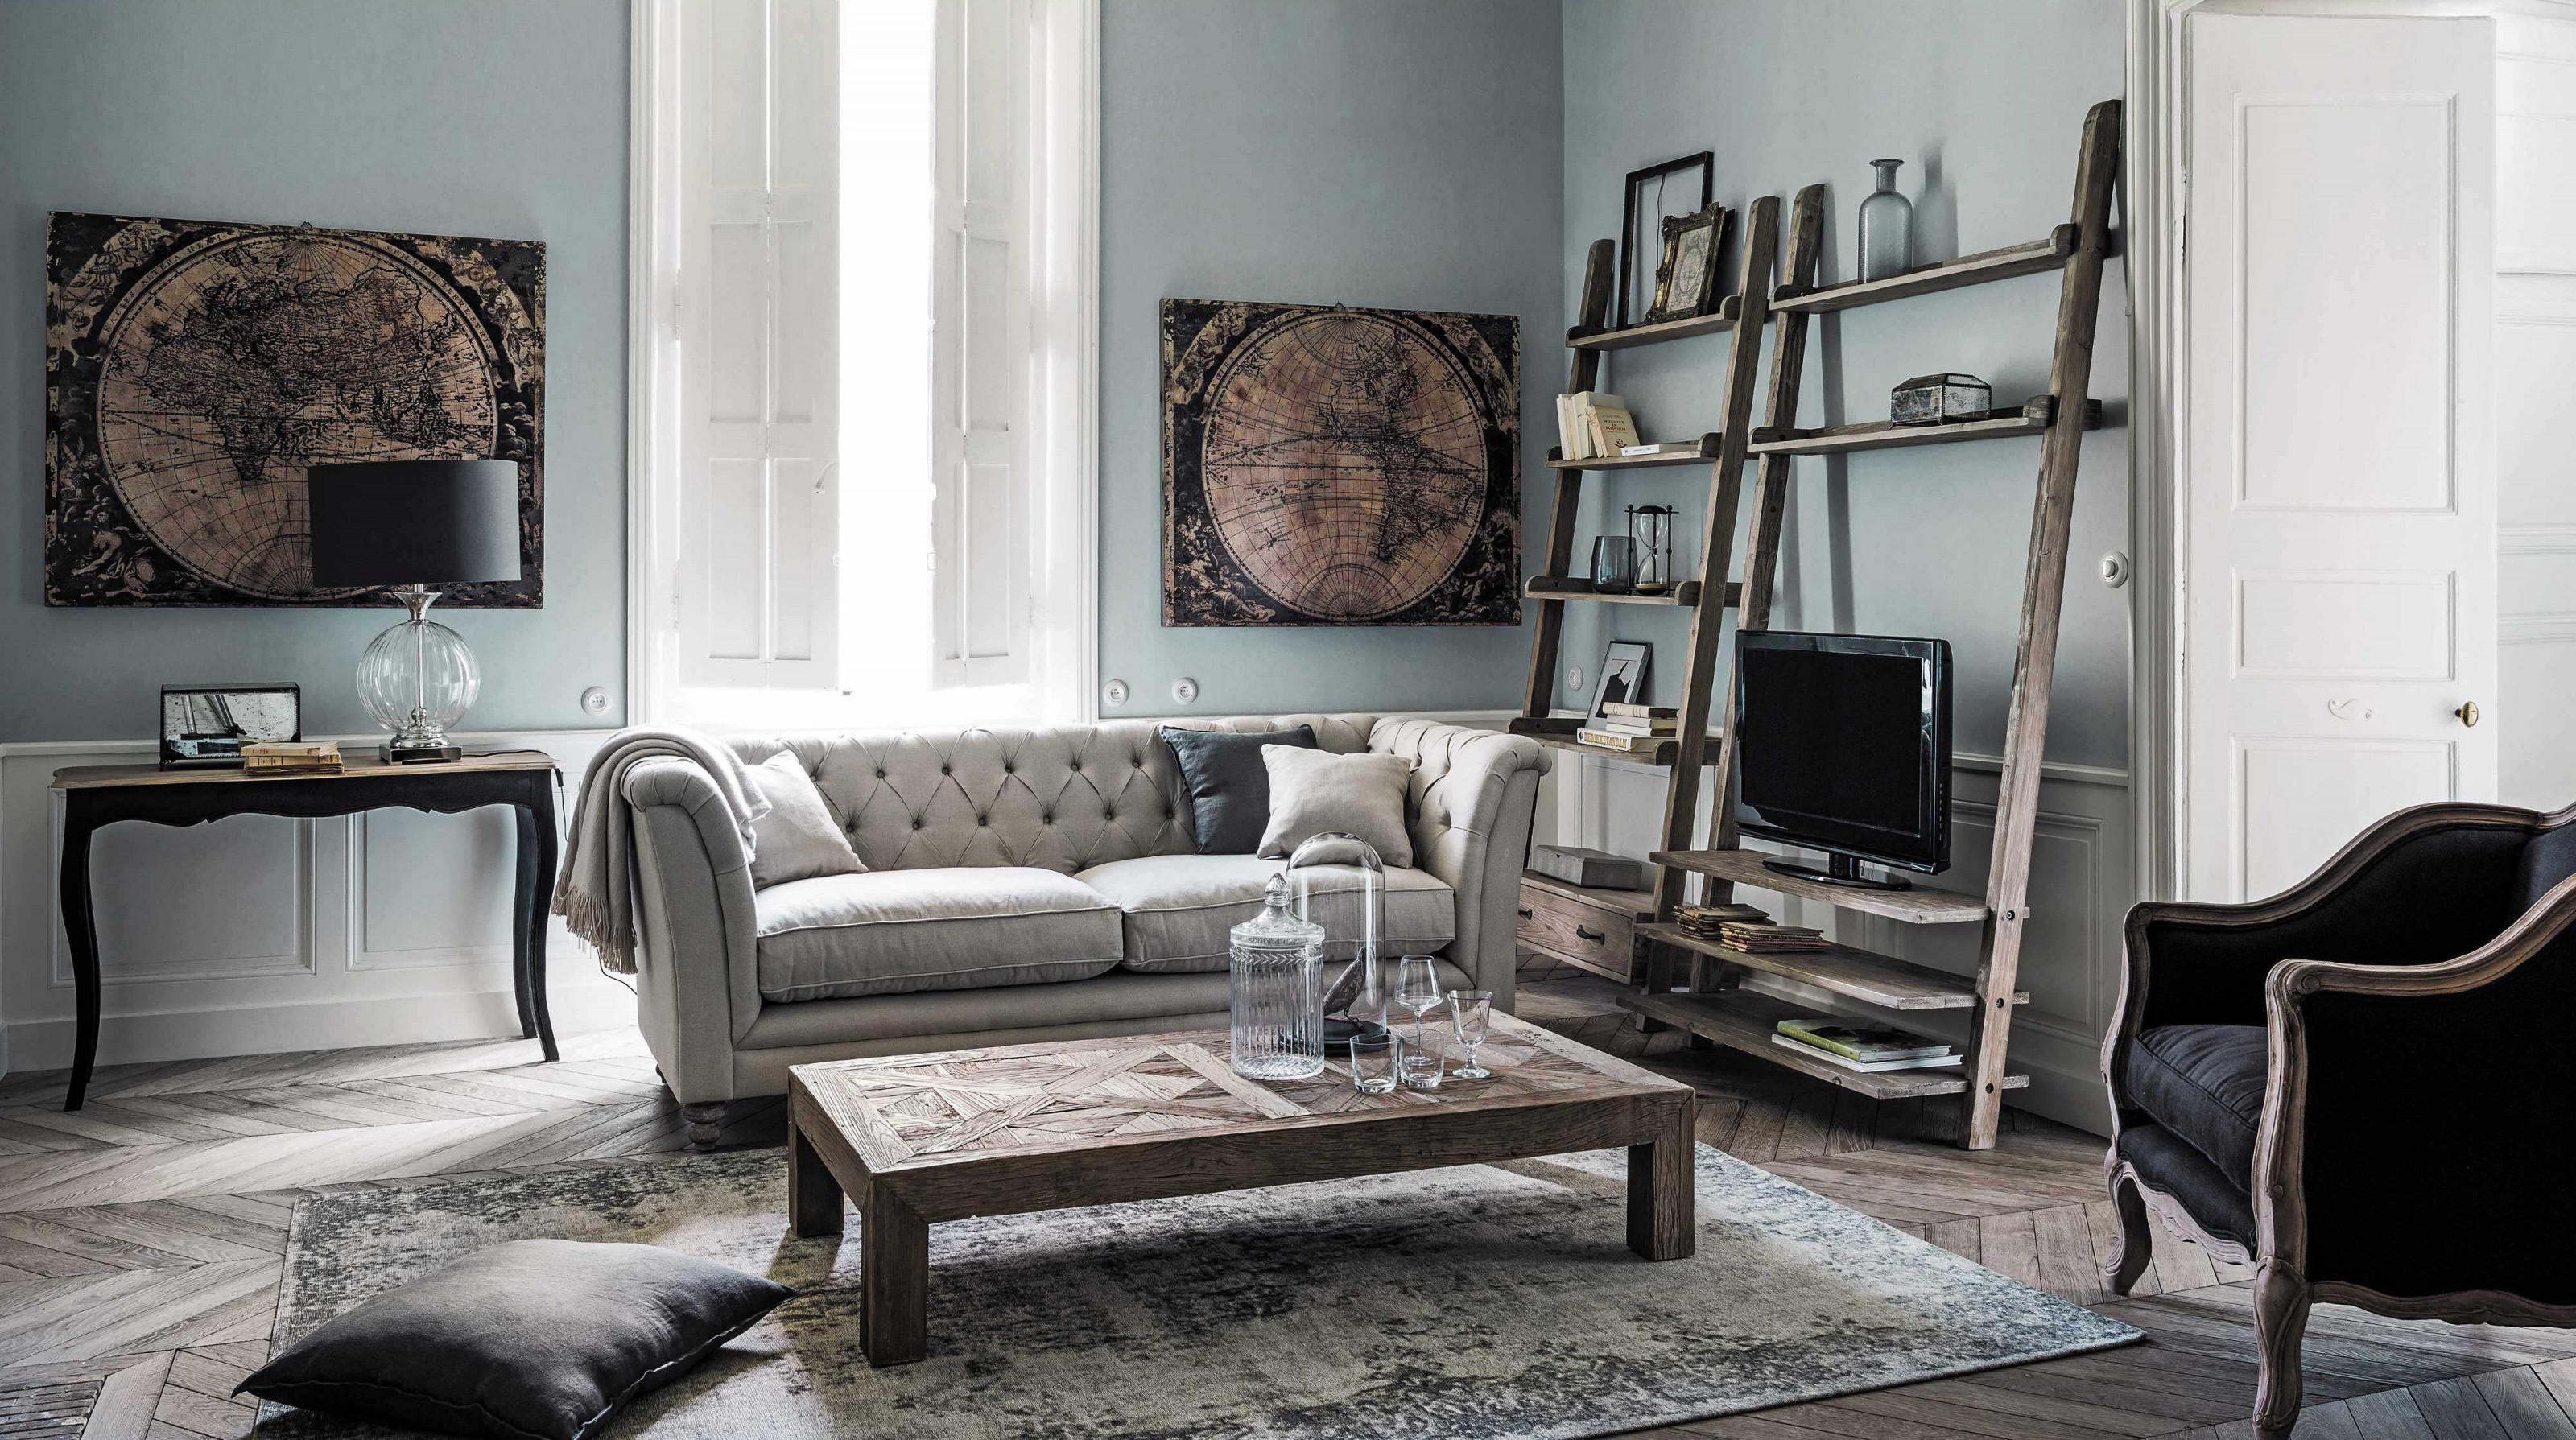 Wohnzimmer Kreativ Gestalten Zimmergestaltung ©Mais von Wohnzimmer Kreativ Gestalten Bild